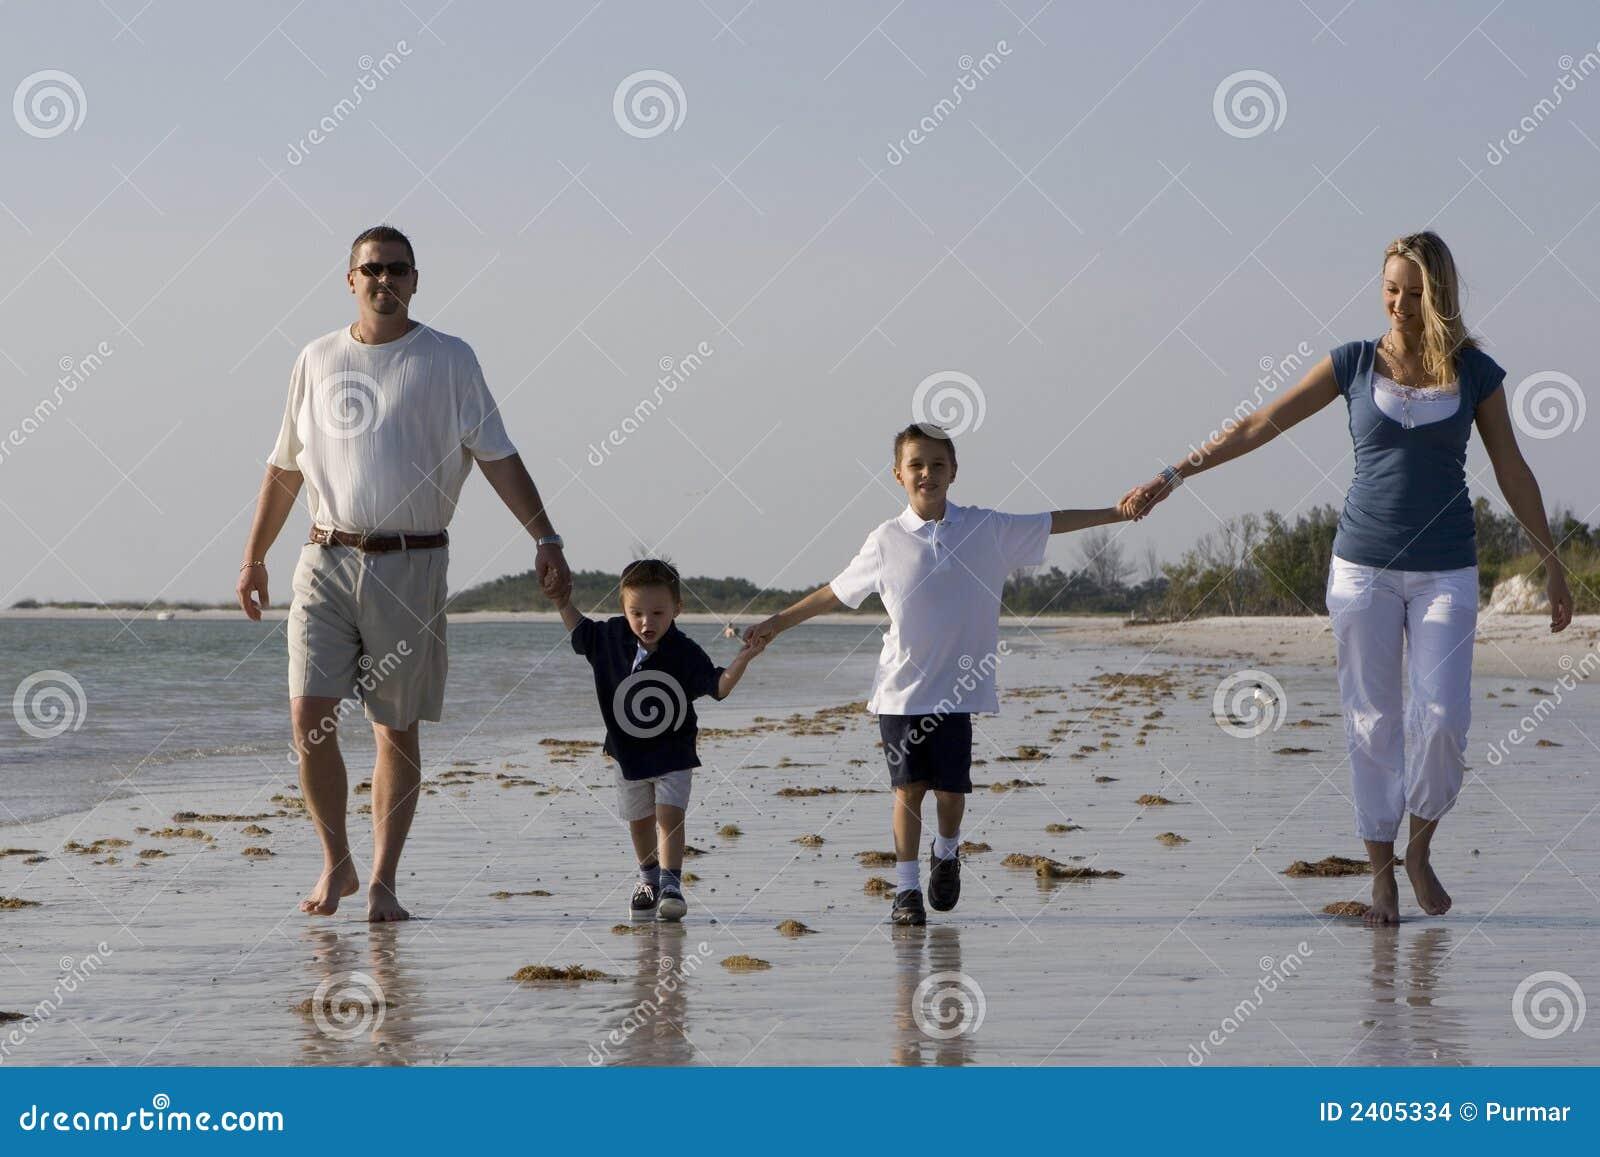 Caminhada em uma praia